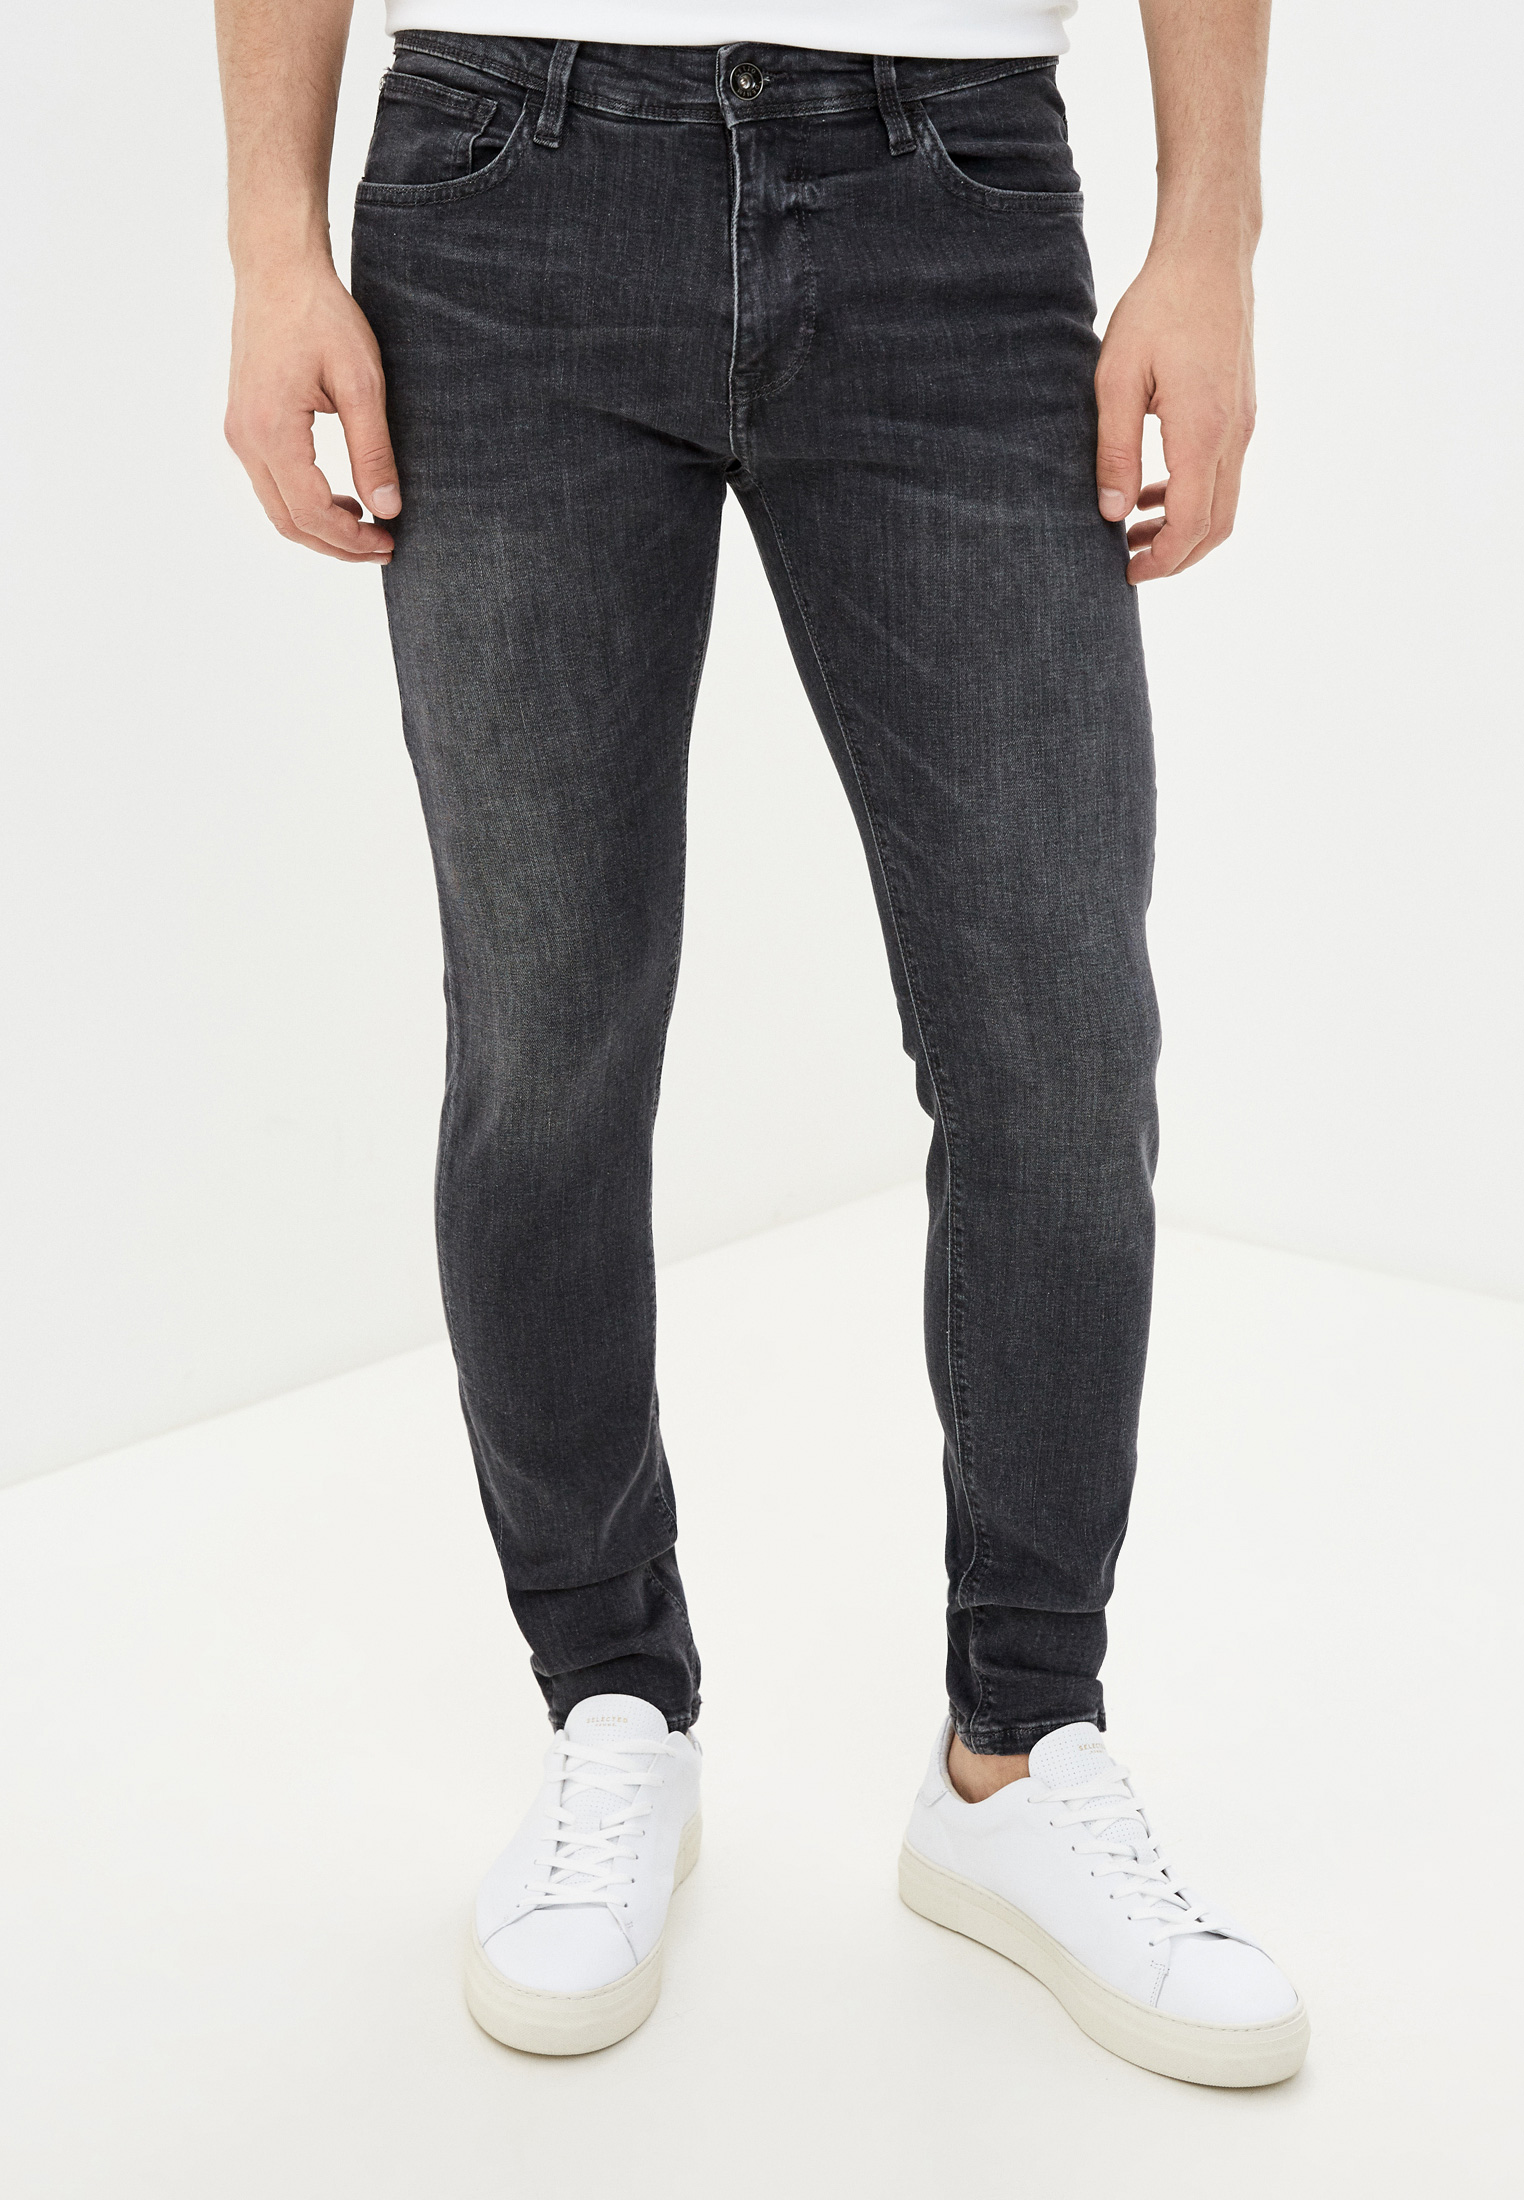 Зауженные джинсы Celio (Селио) ROSKLACK45